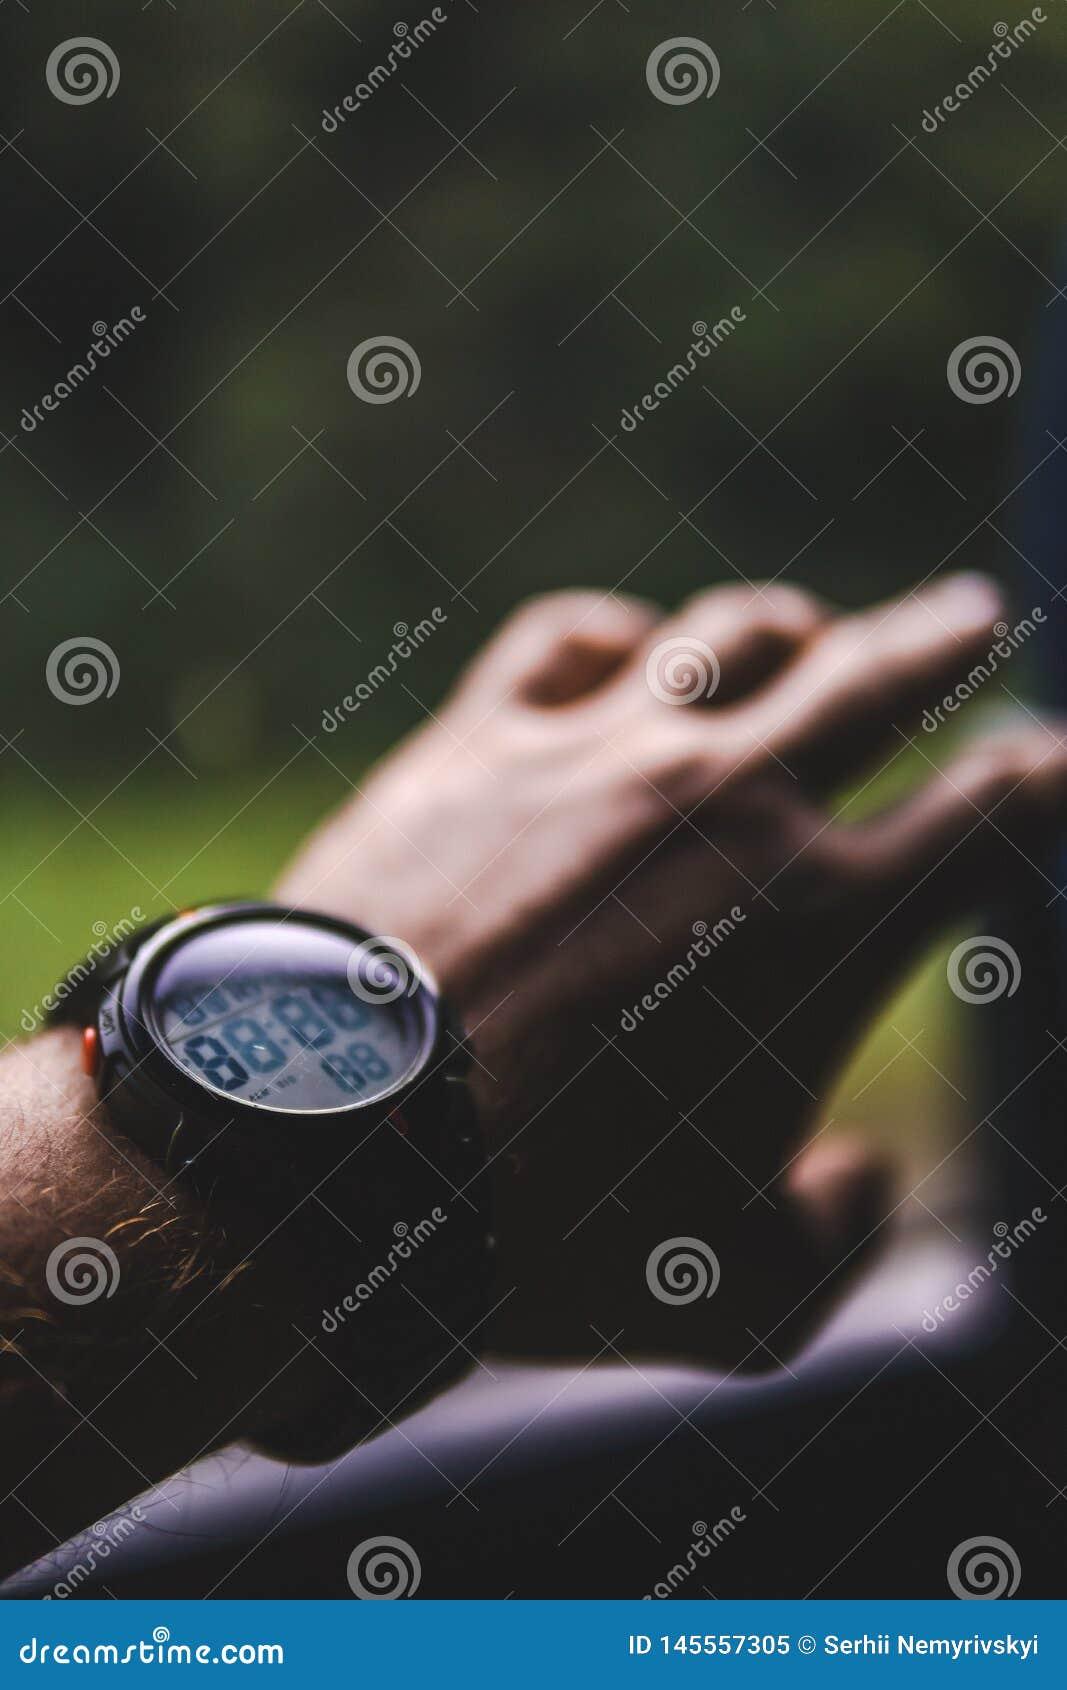 Osoba u?ywa zegarek M?odego cz?owieka m?ody cz?owiek jedzie autobus na drodze przygl?daj?cej za okno podr??y poj?cie, pionowo